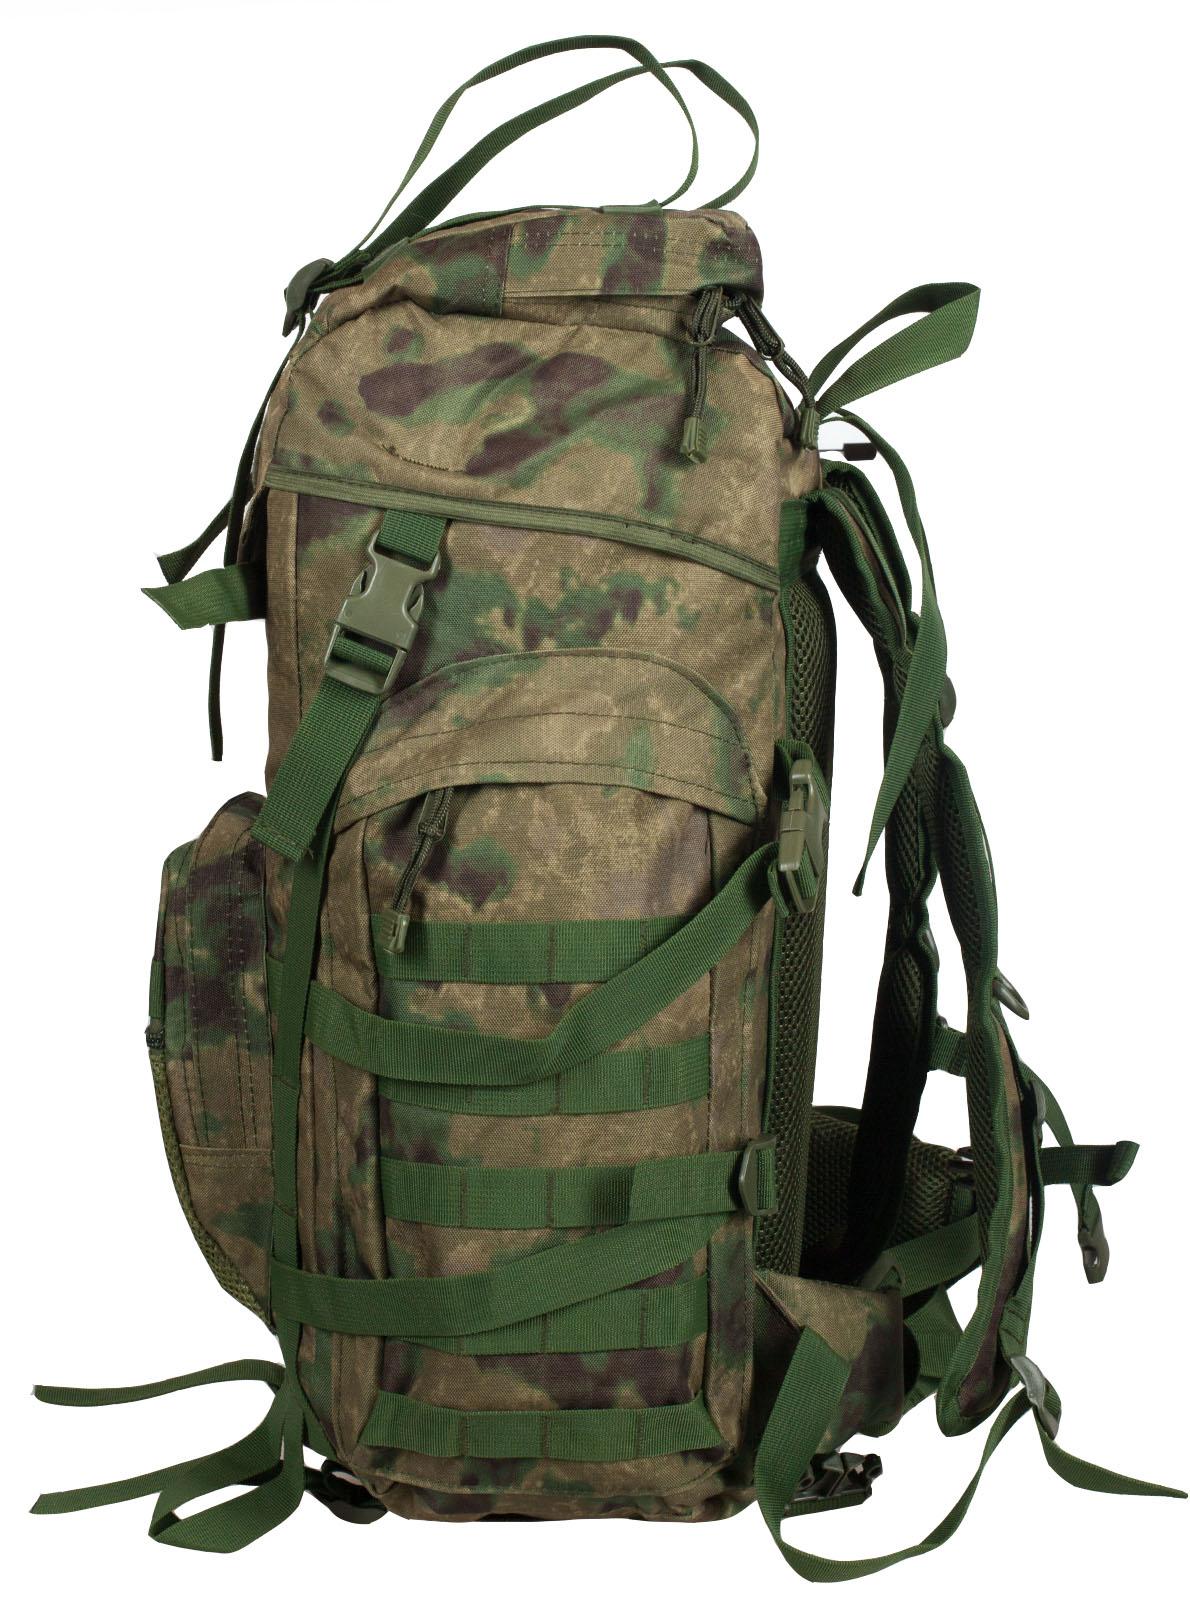 Тактический заплечный рюкзак MultiCam A-TACS FG ФСО - купить в розницу